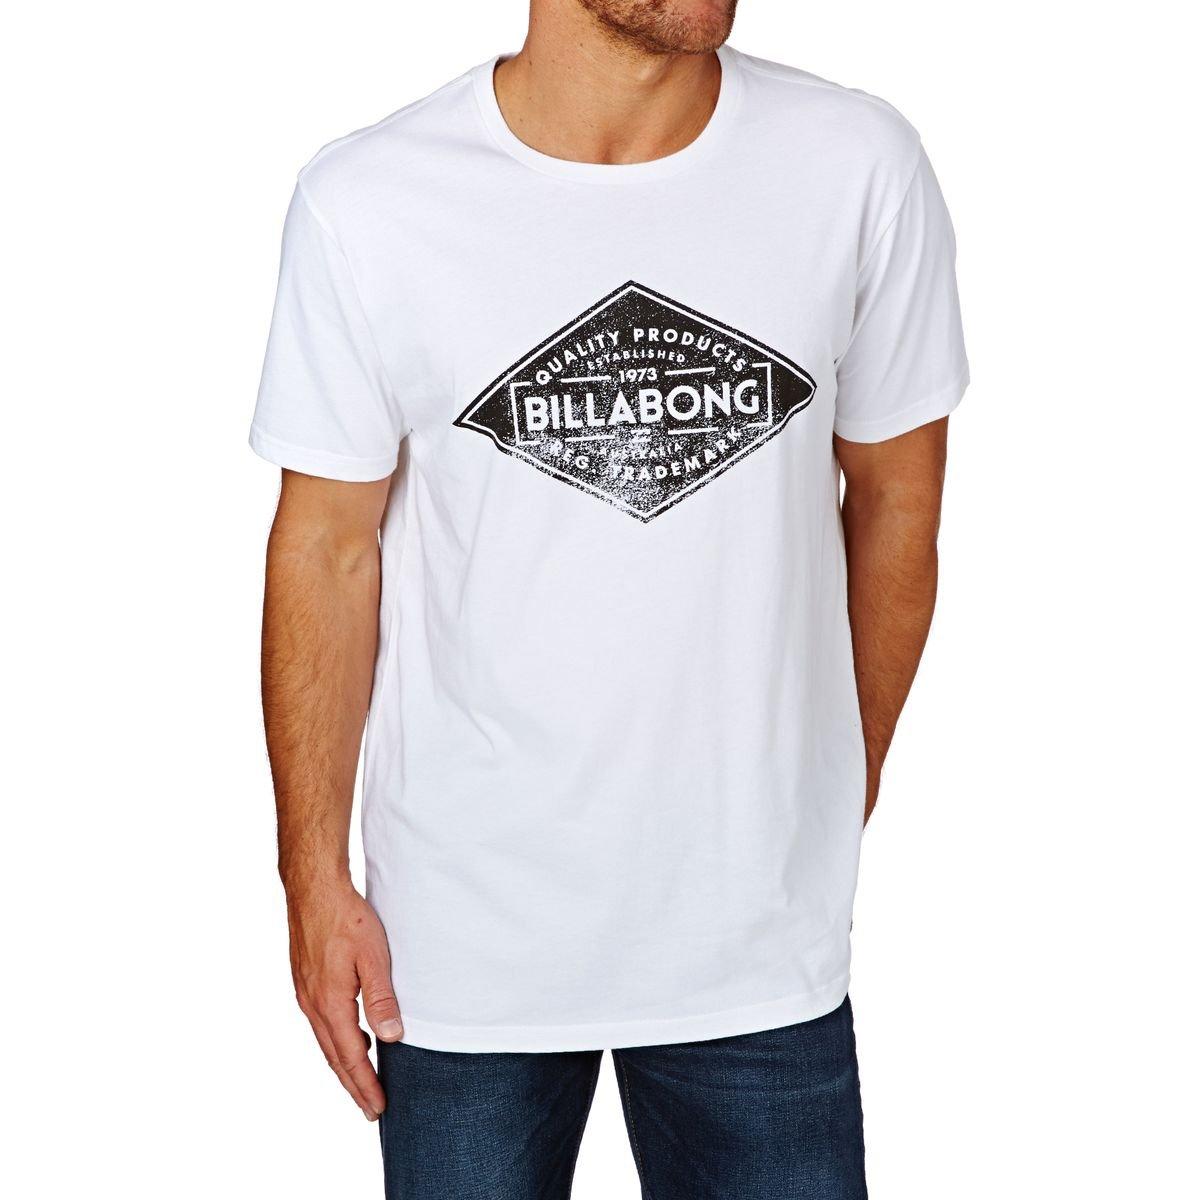 Tshirt for Men Short-Sleeve Cotton Marshalltown